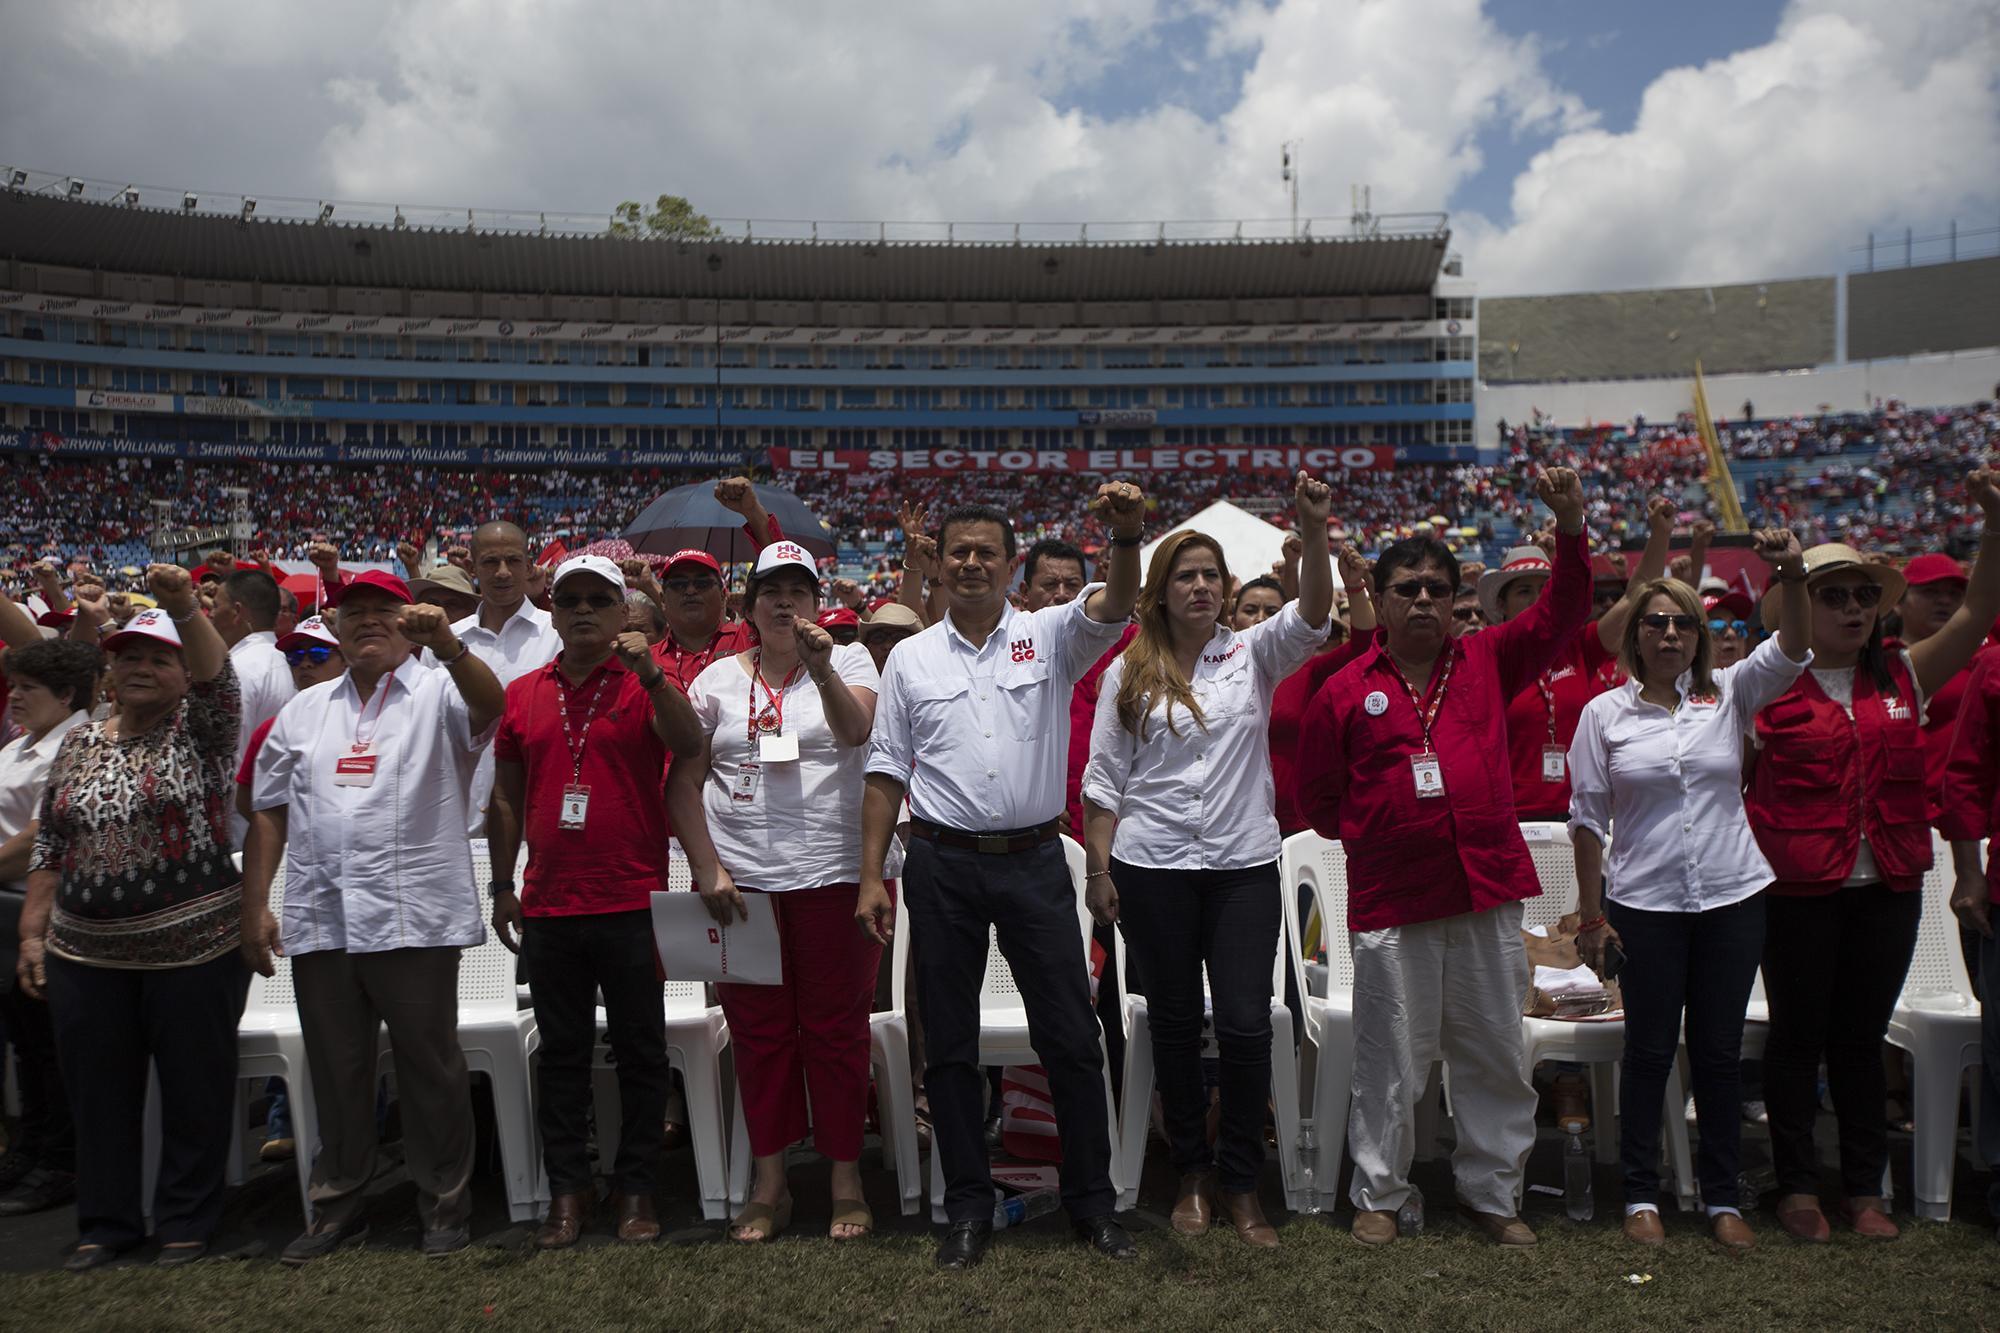 Dirigentes del FMLN durante la XXXVI conveción del partido. Foto Fred Ramos (El Faro).